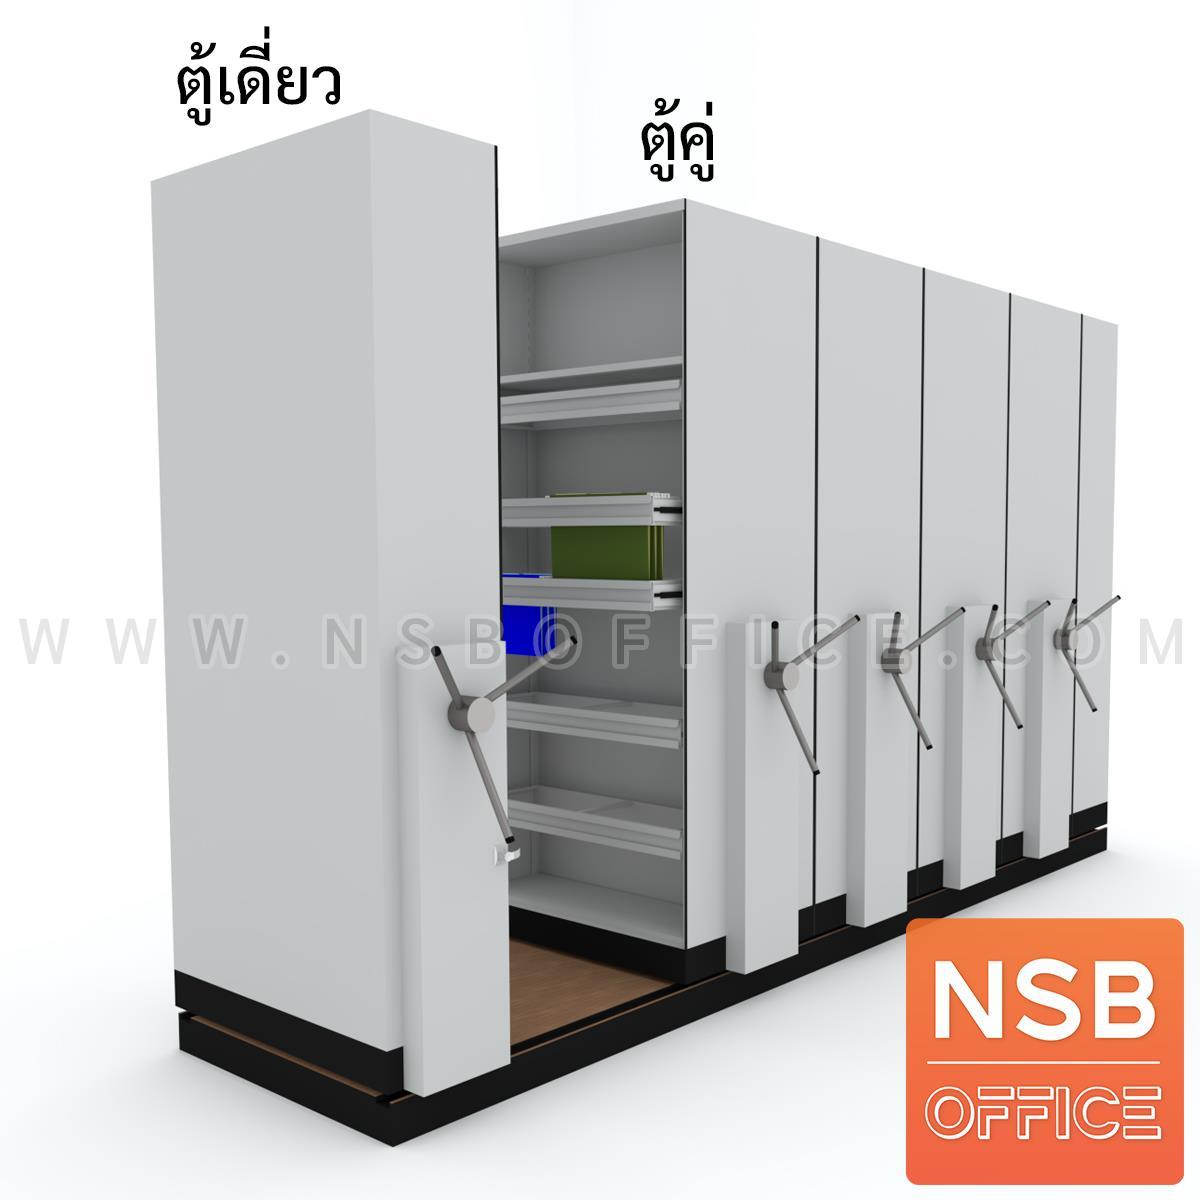 D02A011: ตู้รางเลื่อนแฟ้มแขวน ระบบพวงมาลัย   6, 8, 10, 12, 14, 16 ตู้ (เหล็กหนา 0.7 มม.)